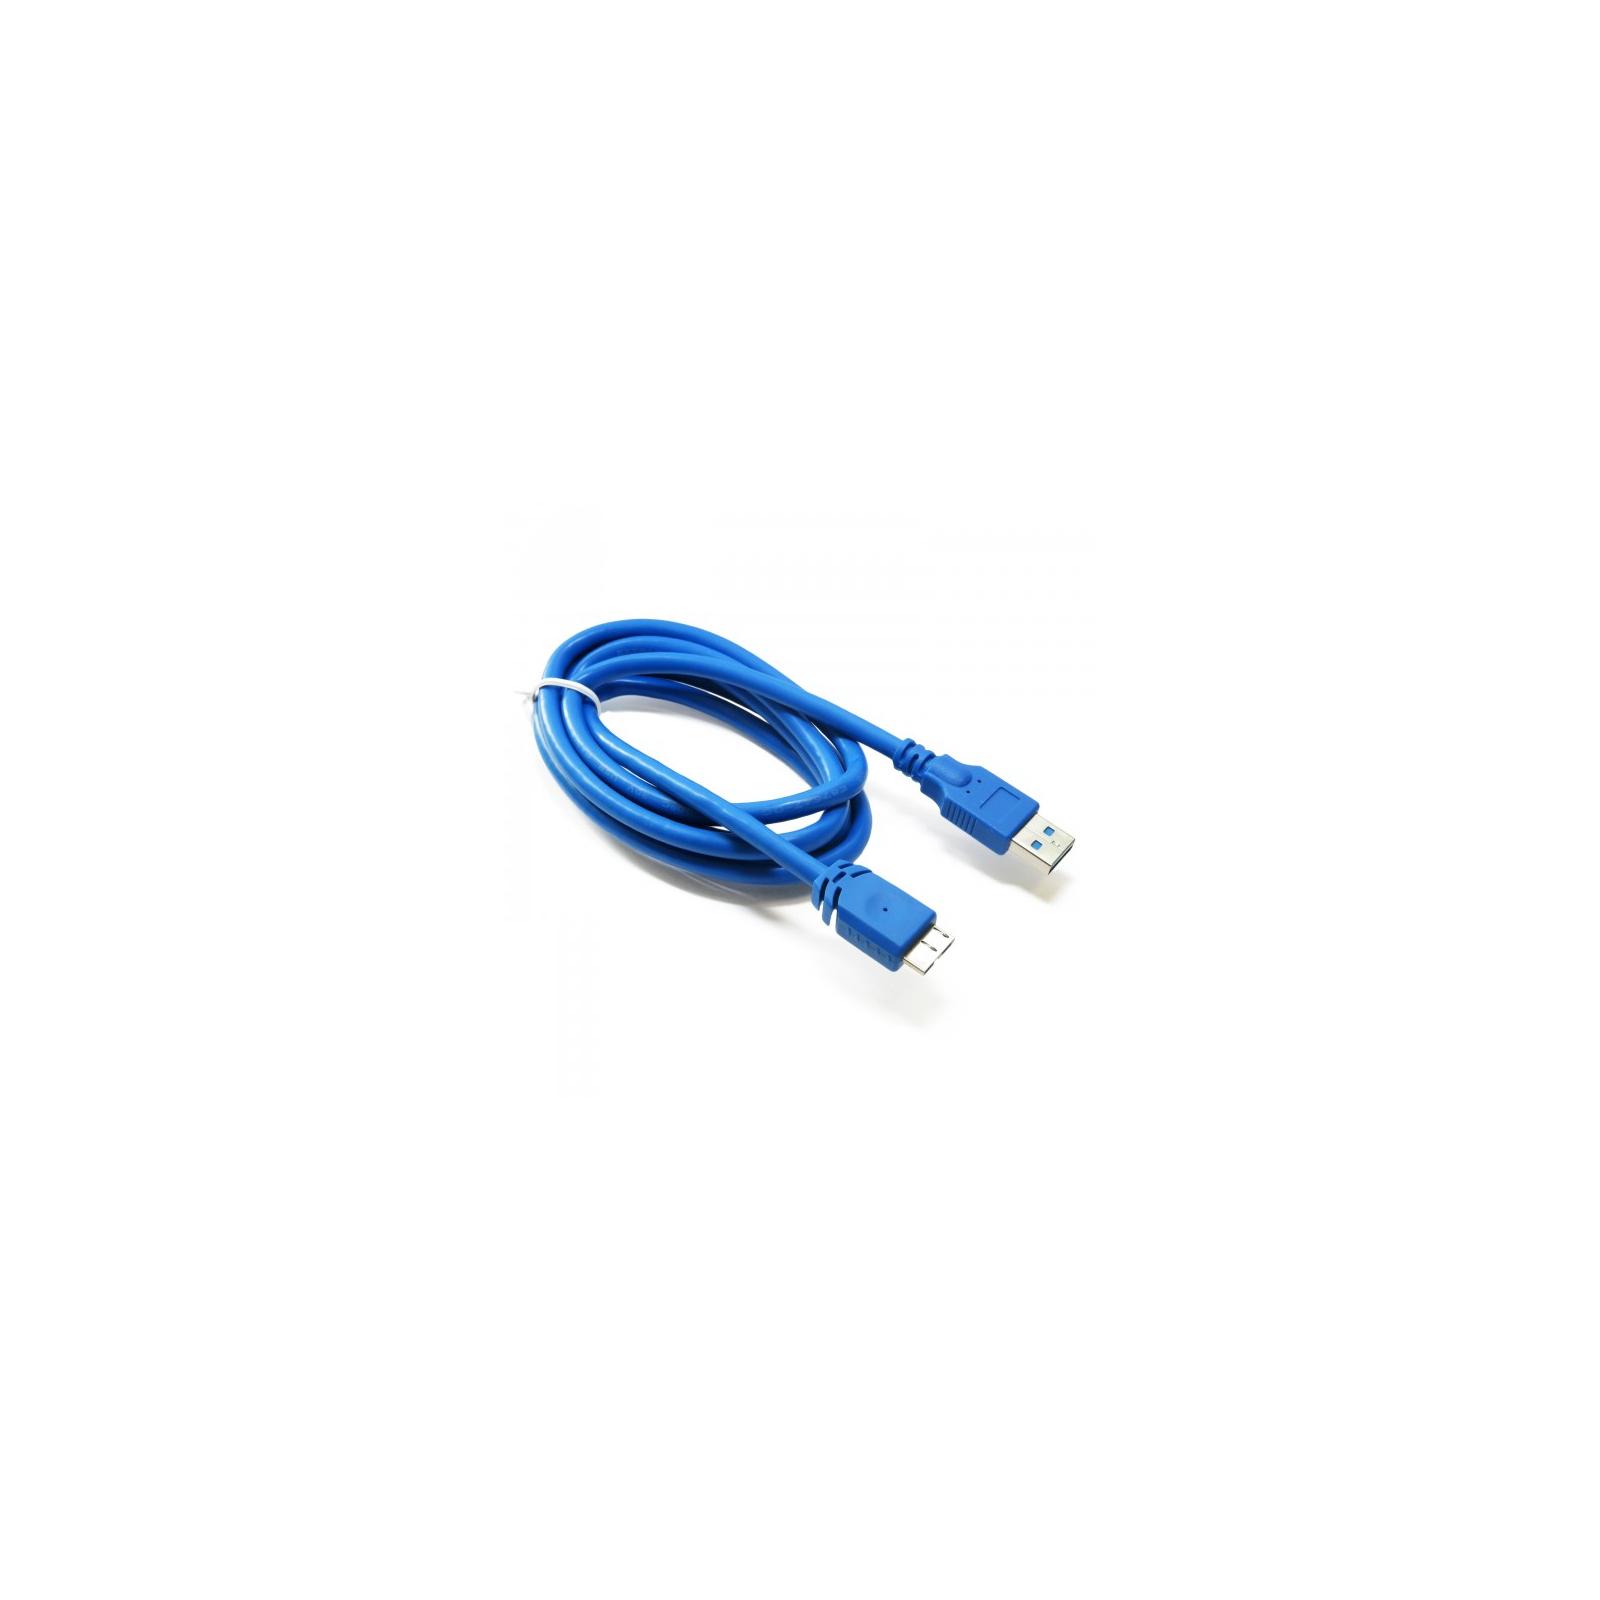 Дата кабель EXTRADIGITAL Micro USB (KBU1626) изображение 4